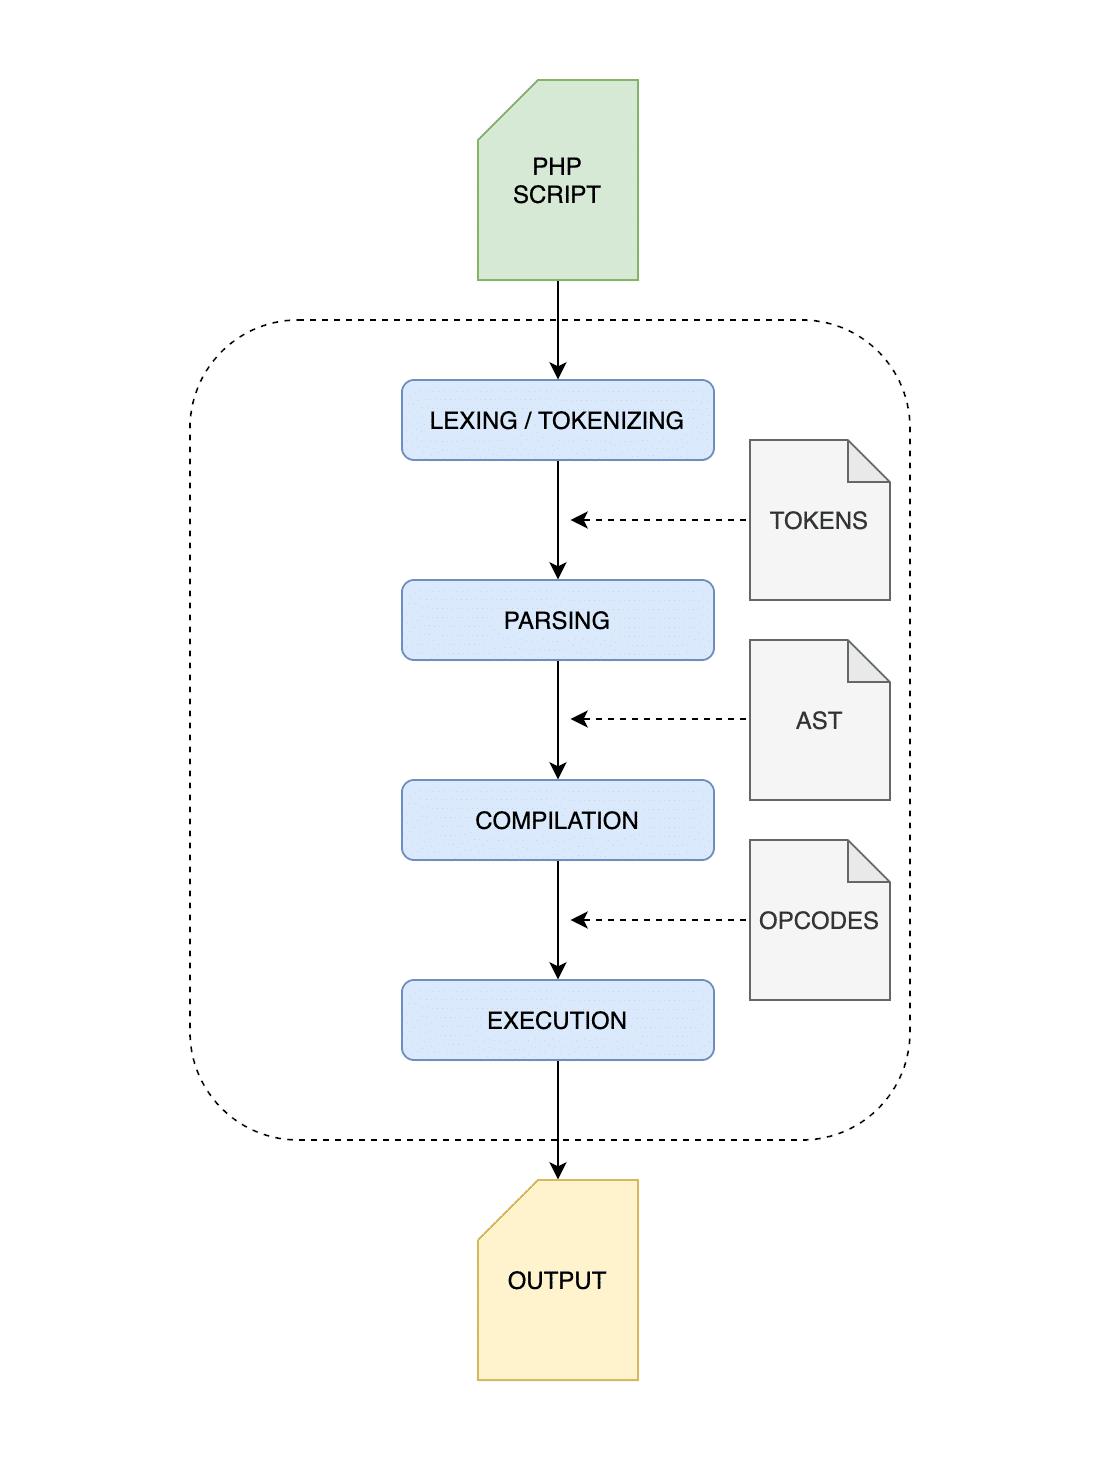 Processus d'exécution de base de PHP